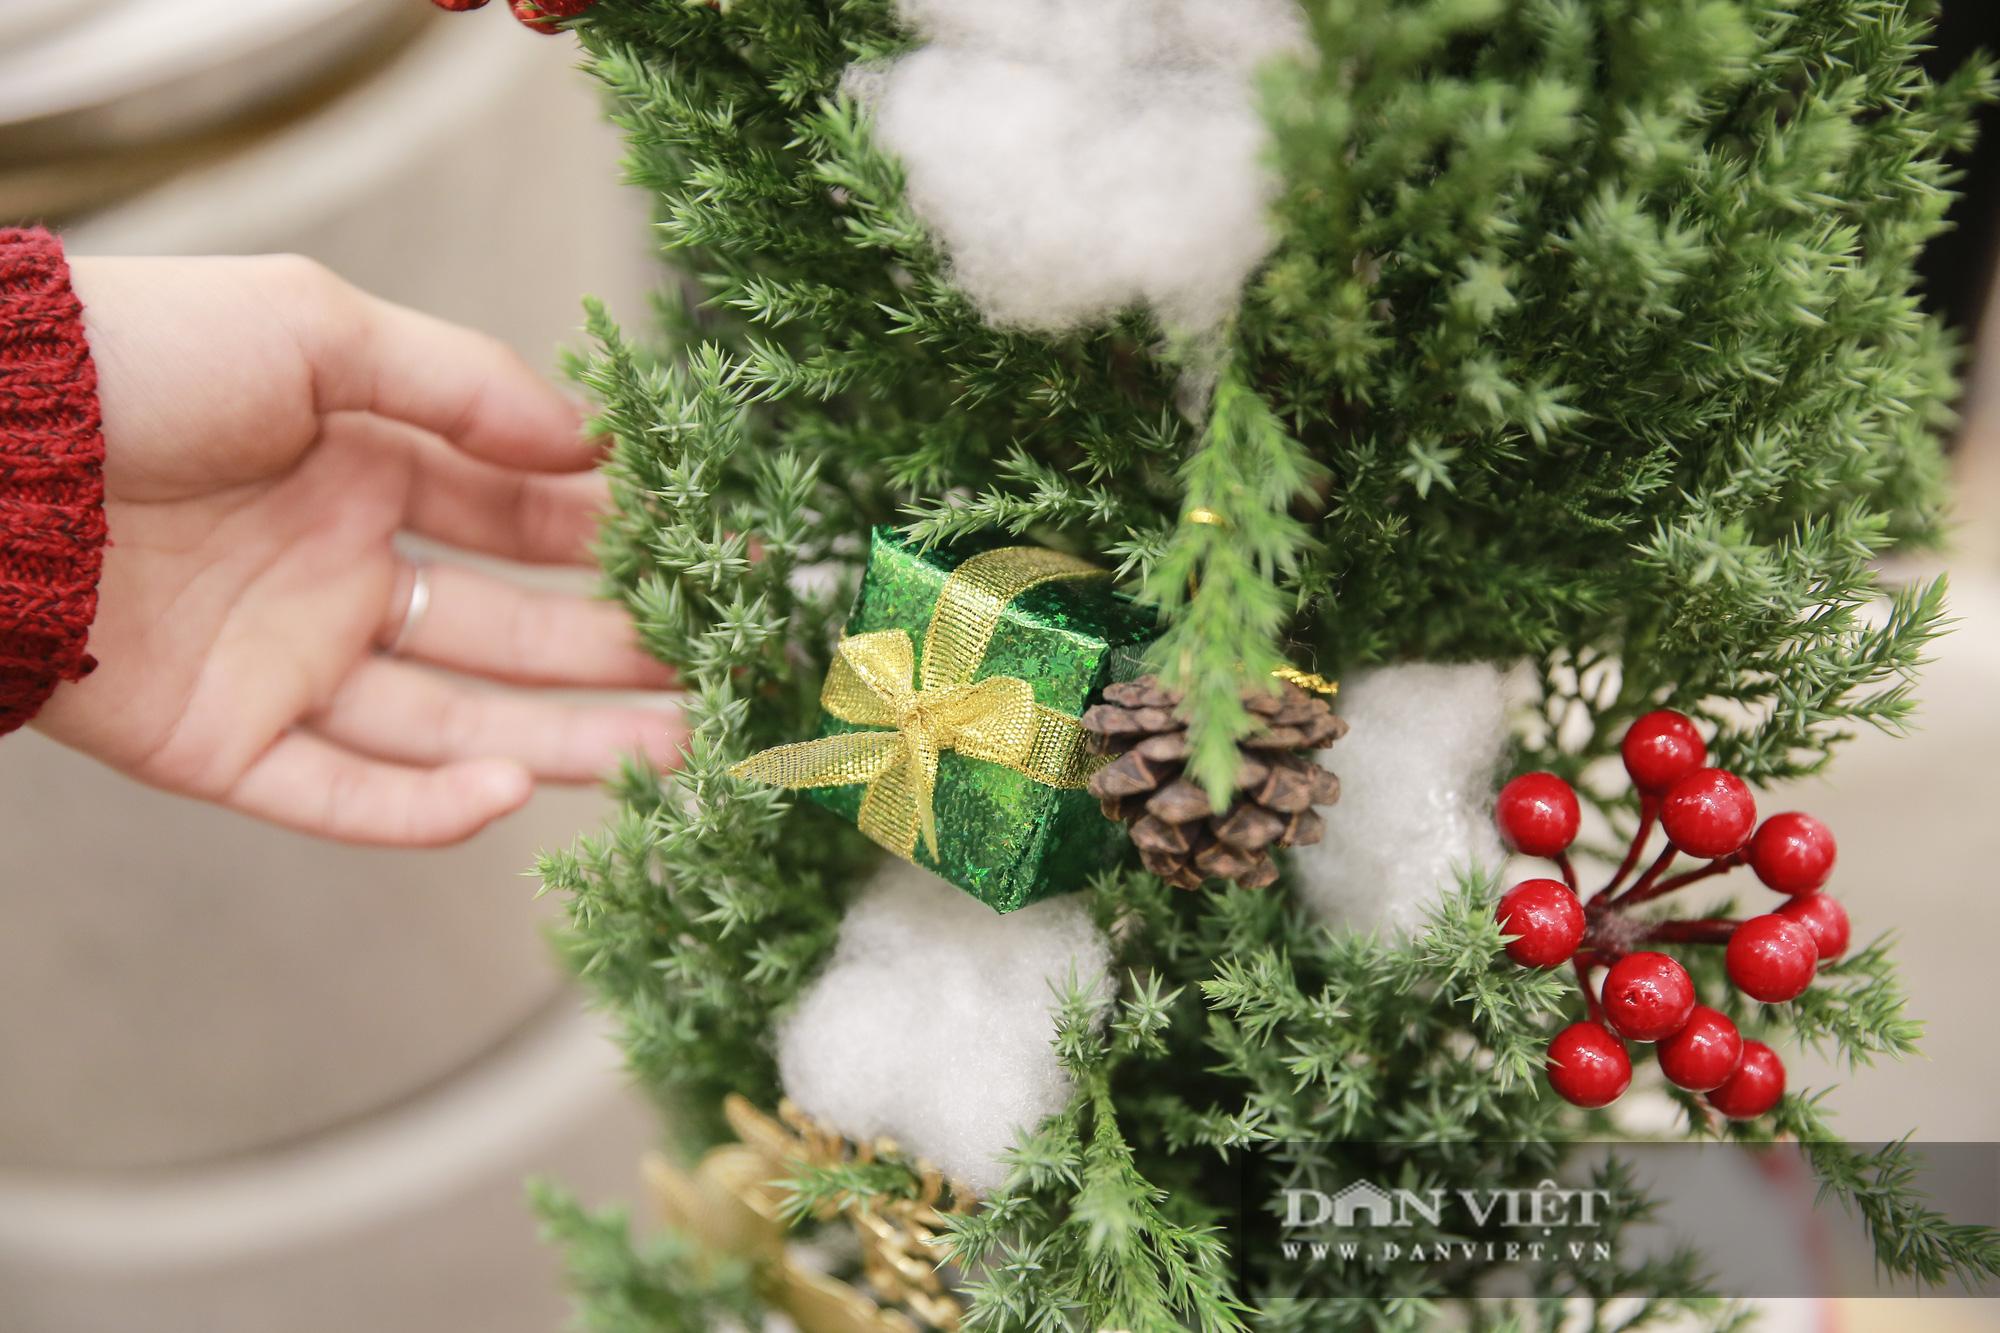 """Giá chỉ từ 100.000 đồng, """"bản sao"""" của cây thông thật đắt khách dịp Giáng sinh 2020 - Ảnh 9."""